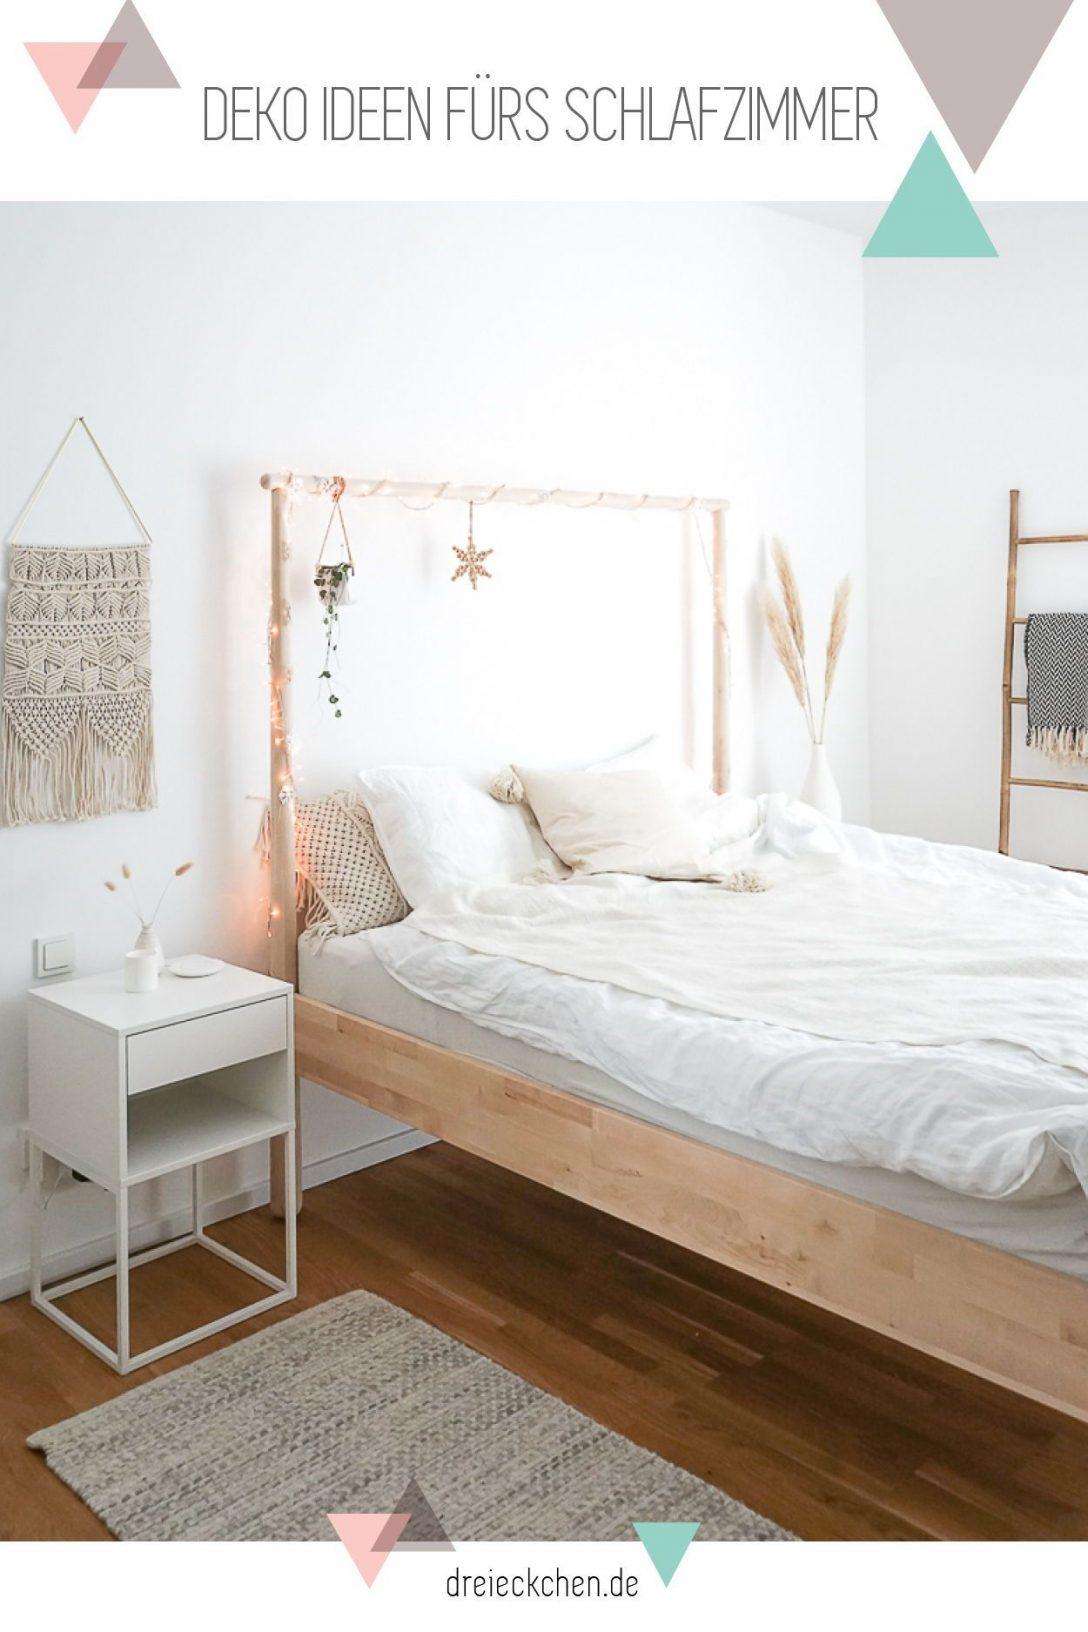 Large Size of Ikea Schlafzimmer Ideen Einrichten Natrliche Deko Mit Getrockneten Eckschrank Betten Wohnzimmer Tapeten Komplett Massivholz Stehlampe Deckenleuchten überbau Wohnzimmer Ikea Schlafzimmer Ideen